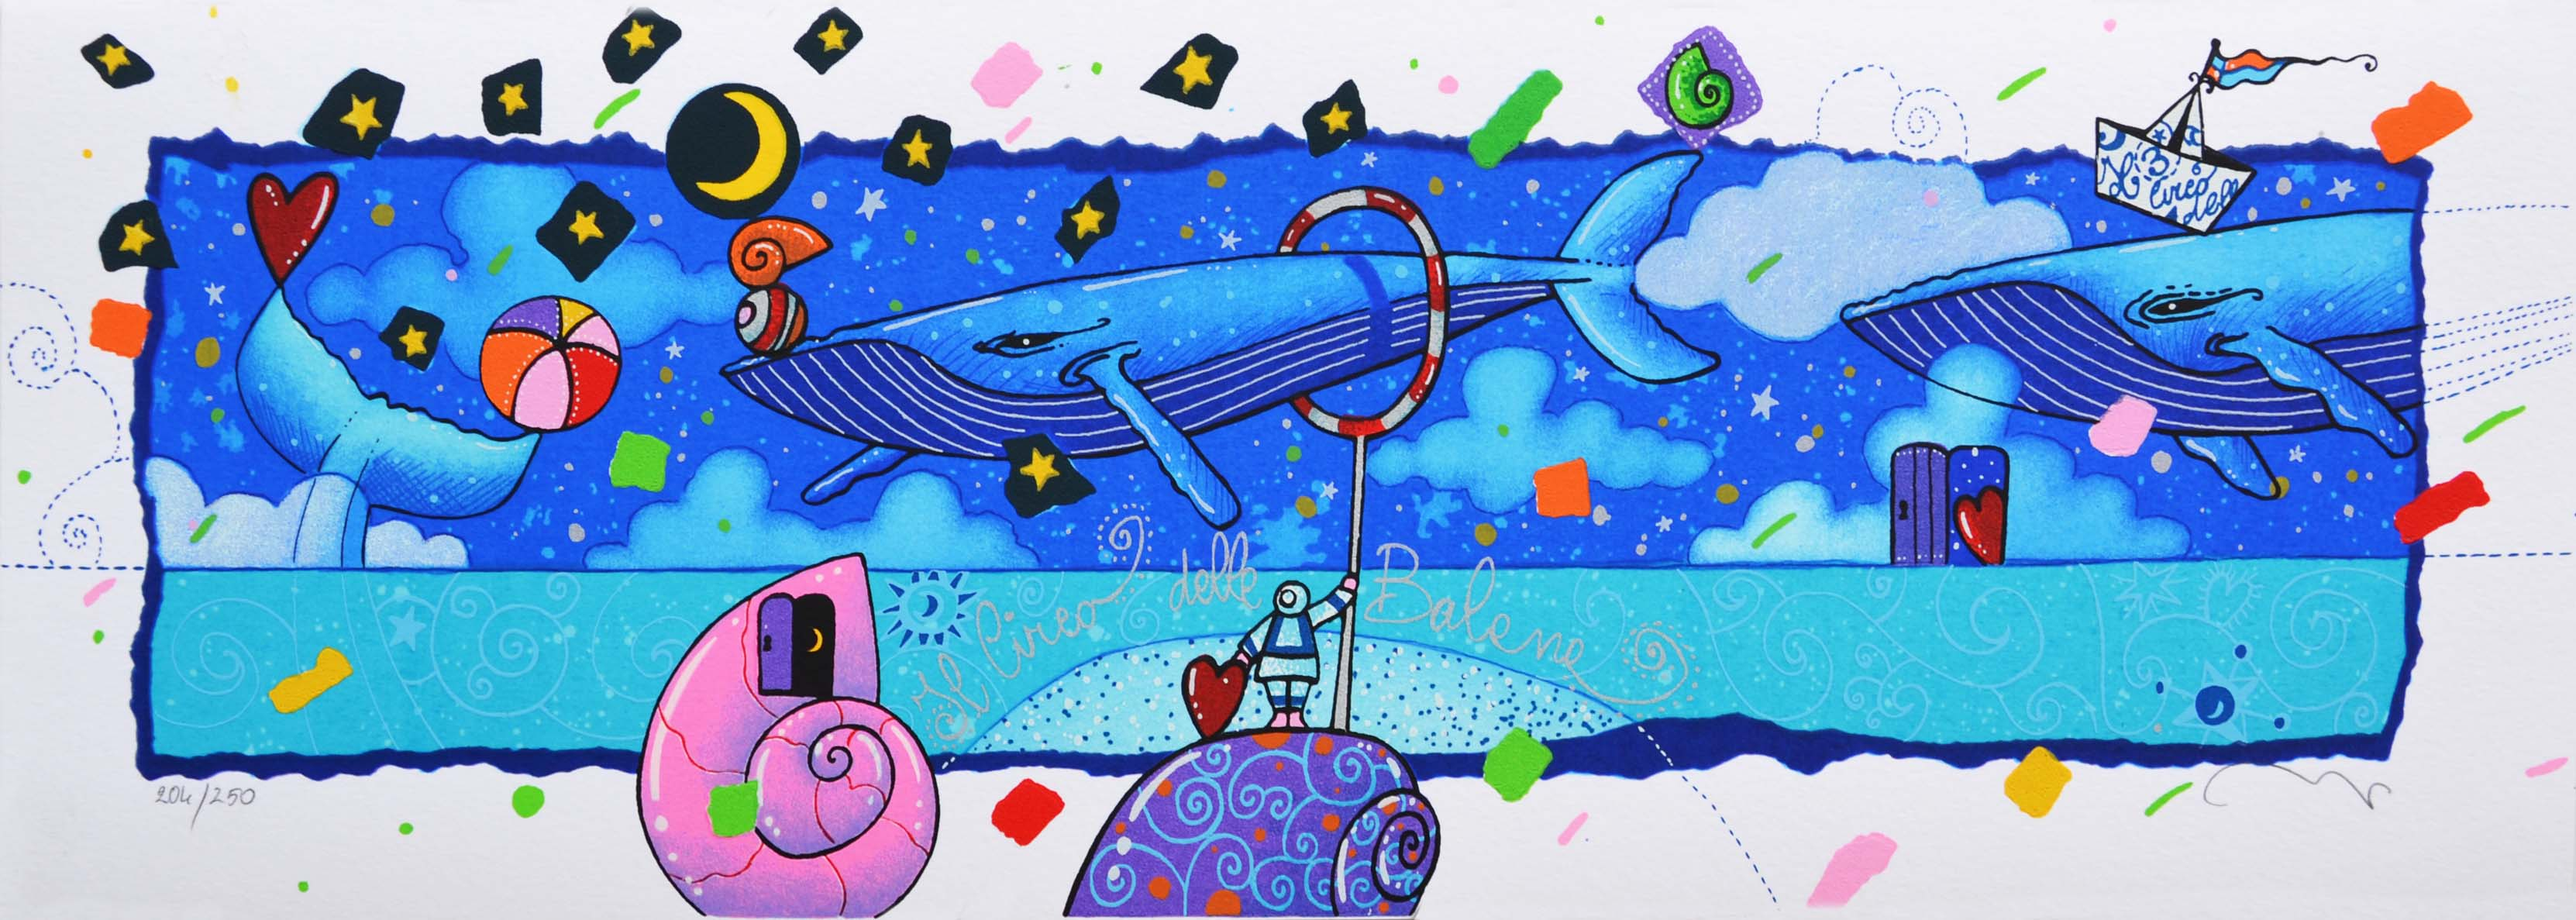 Agostini Andrea Il circo delle Balene Serigrafia formato cm 17.5x50